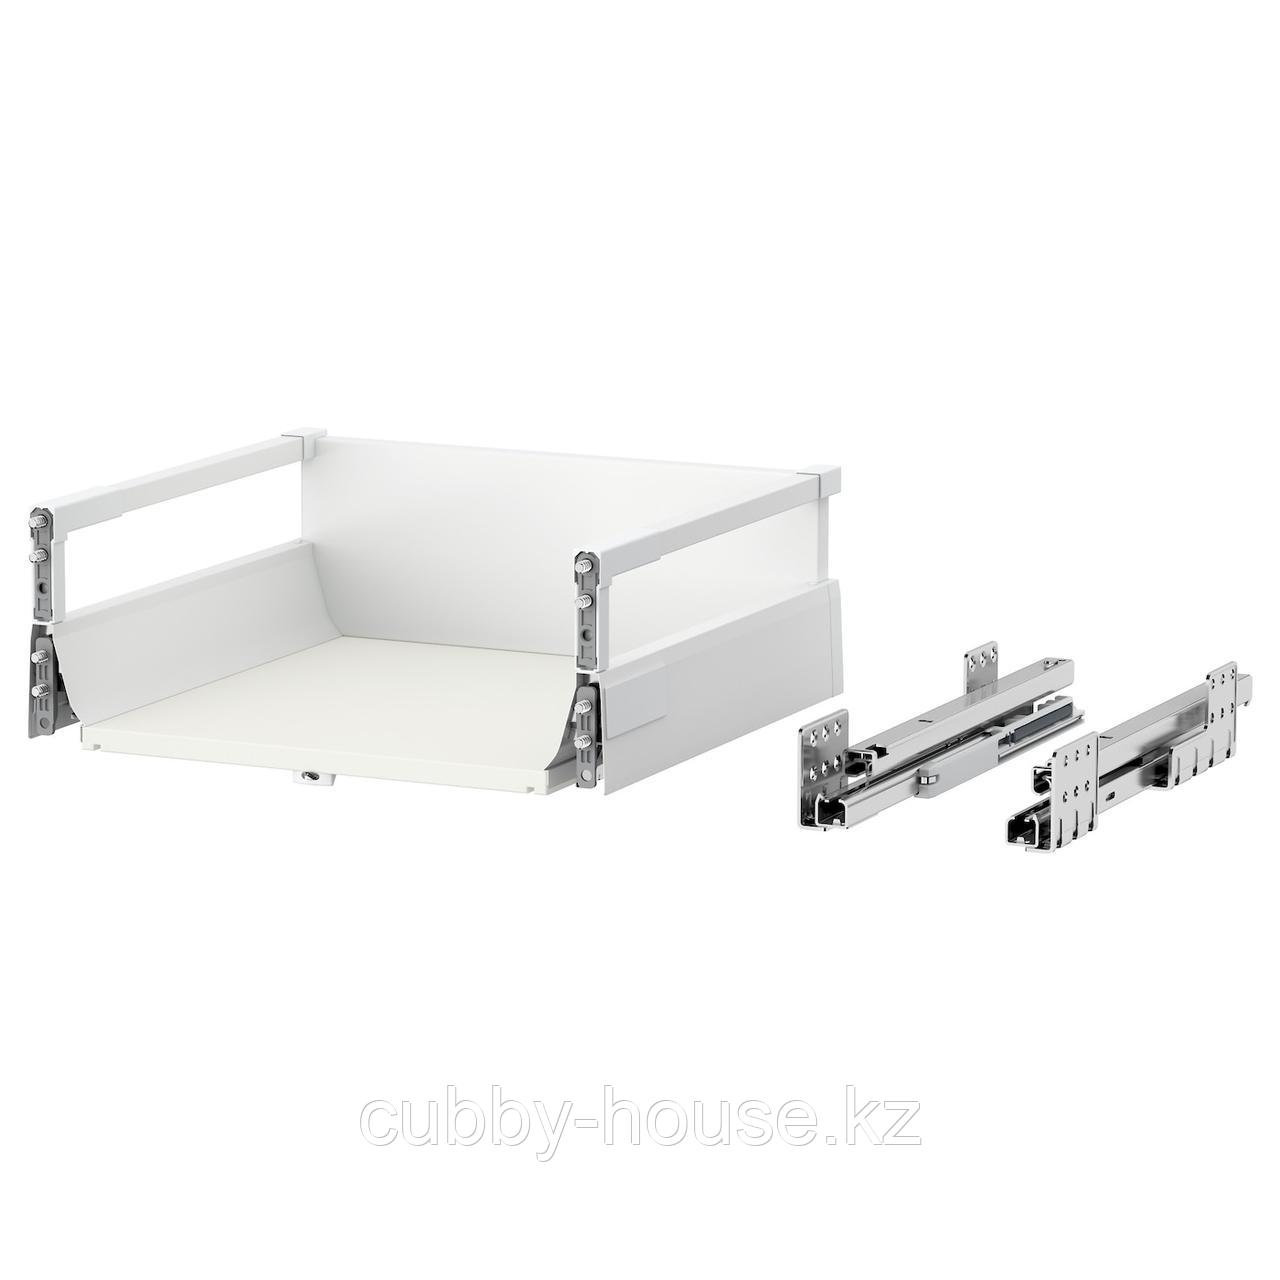 МАКСИМЕРА Ящик, средний, белый, 80x60 см